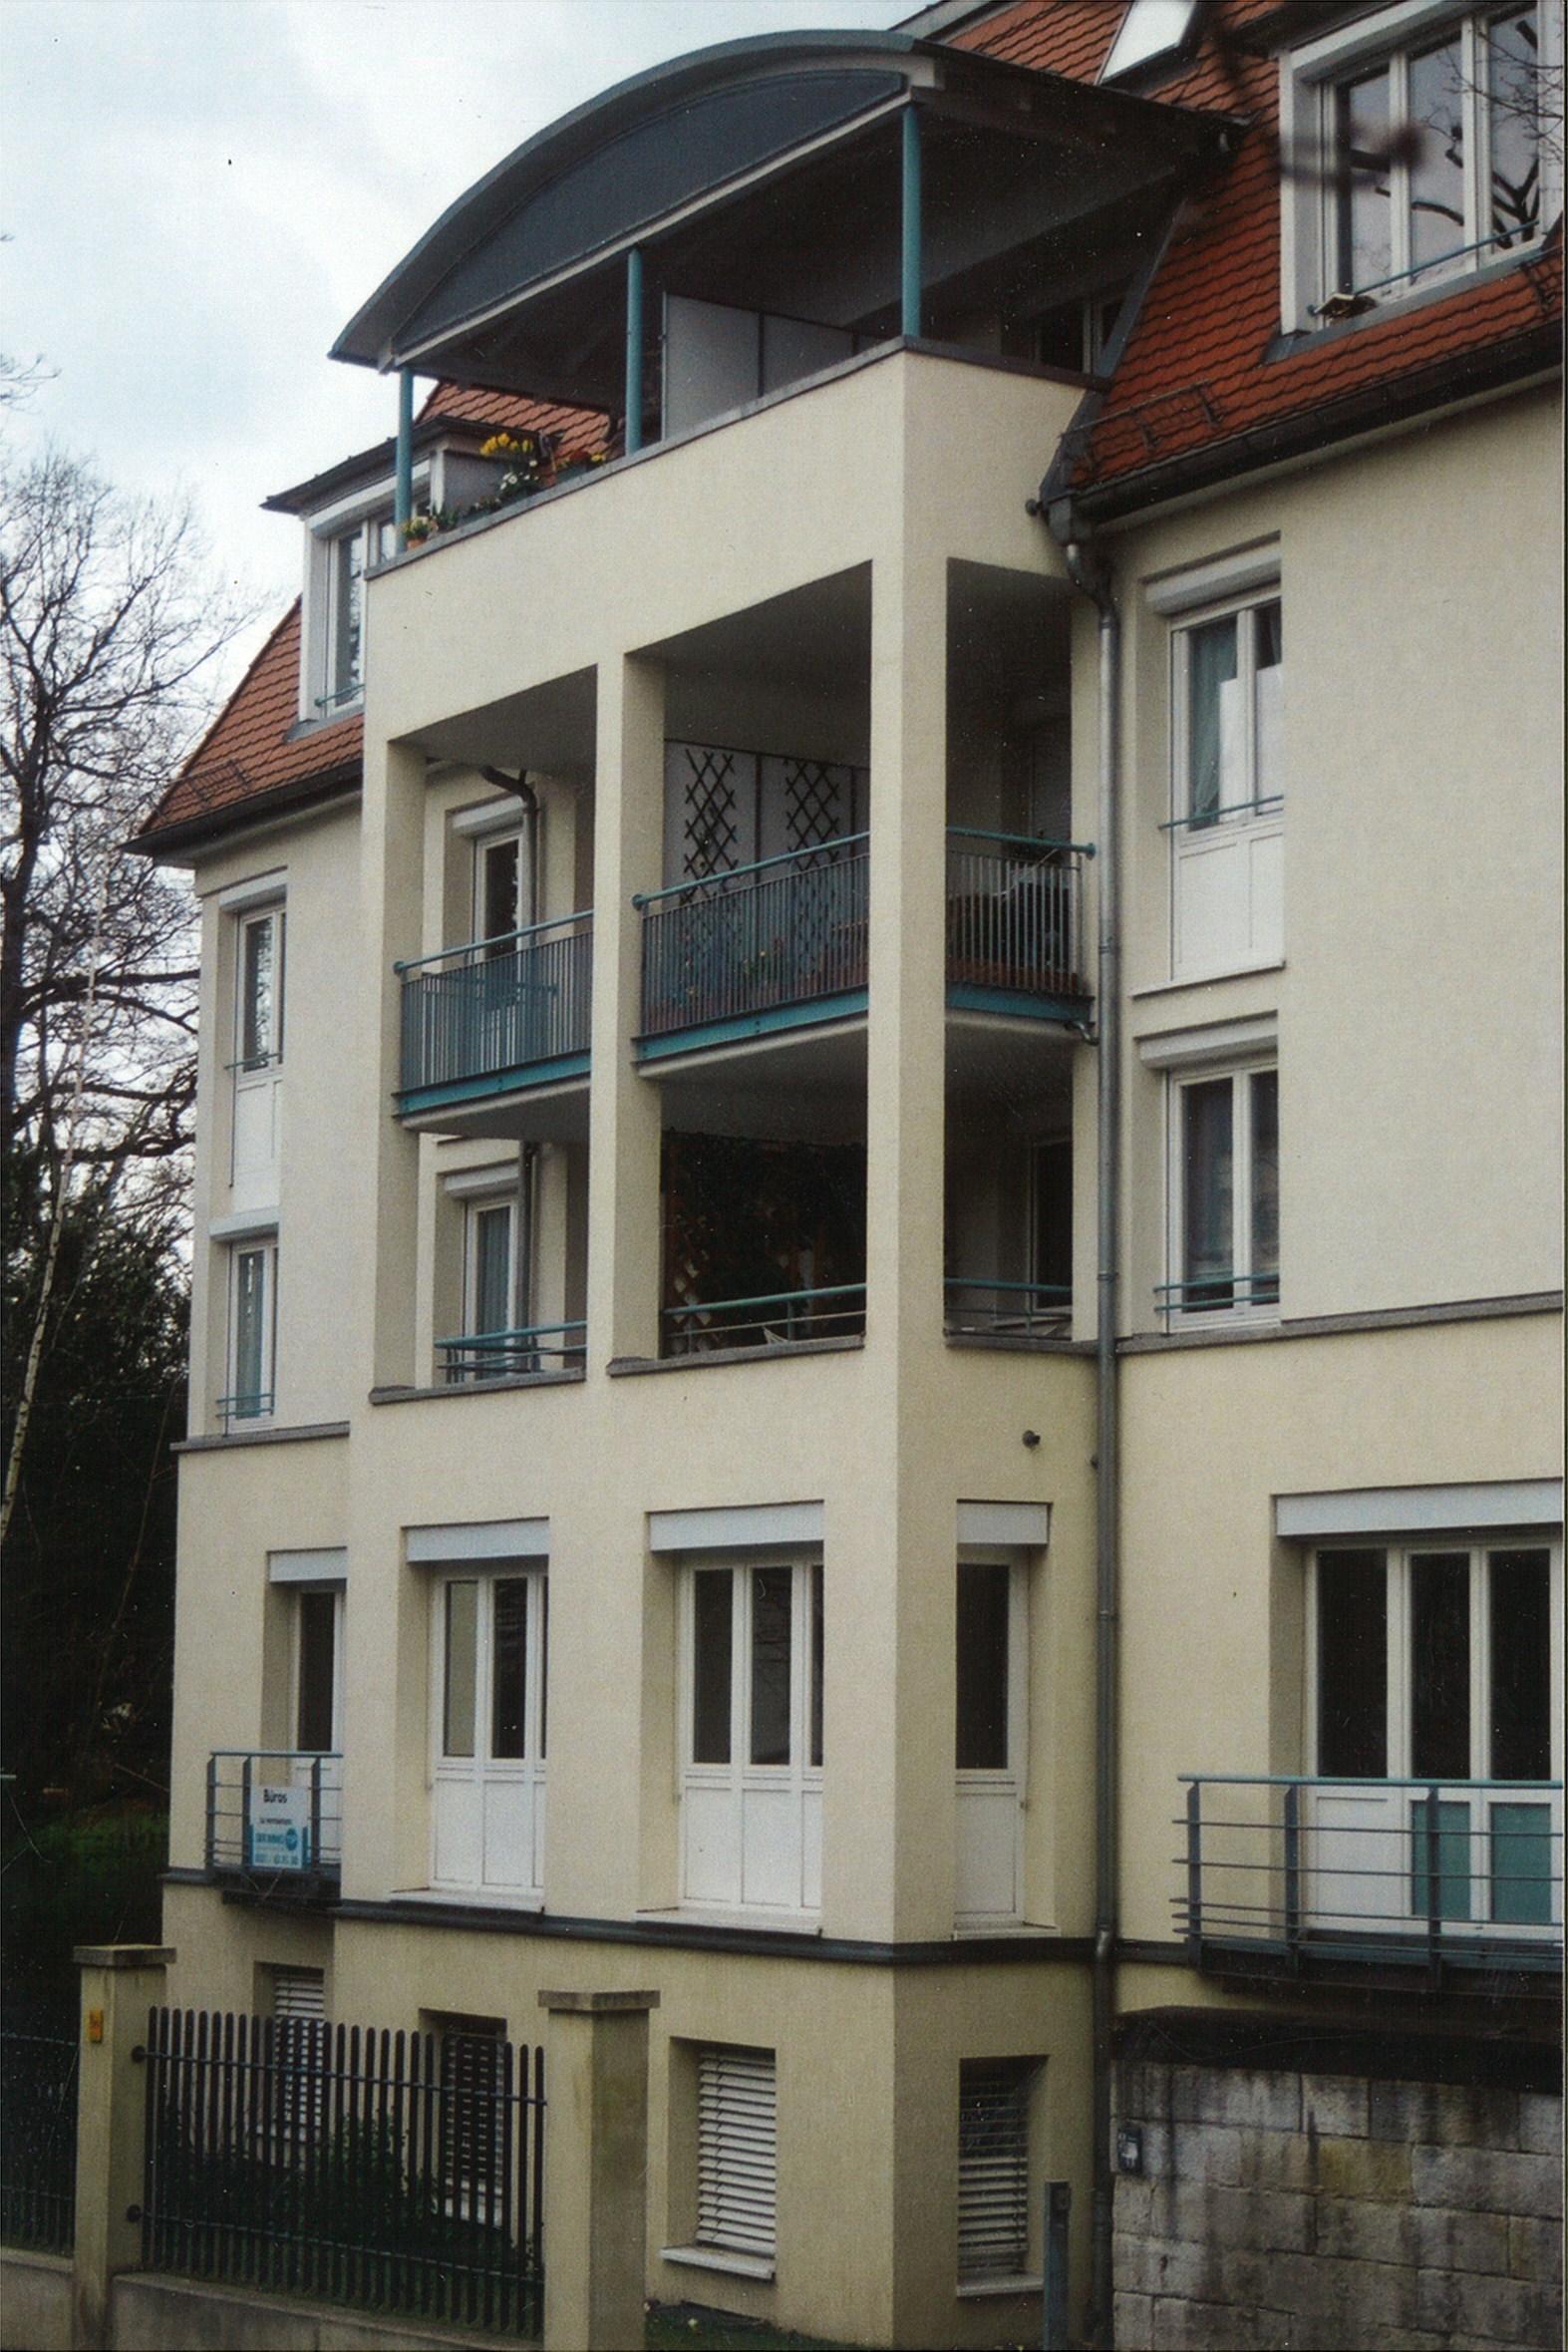 Dresden-Blasewitz, Mendelssohnallee 17